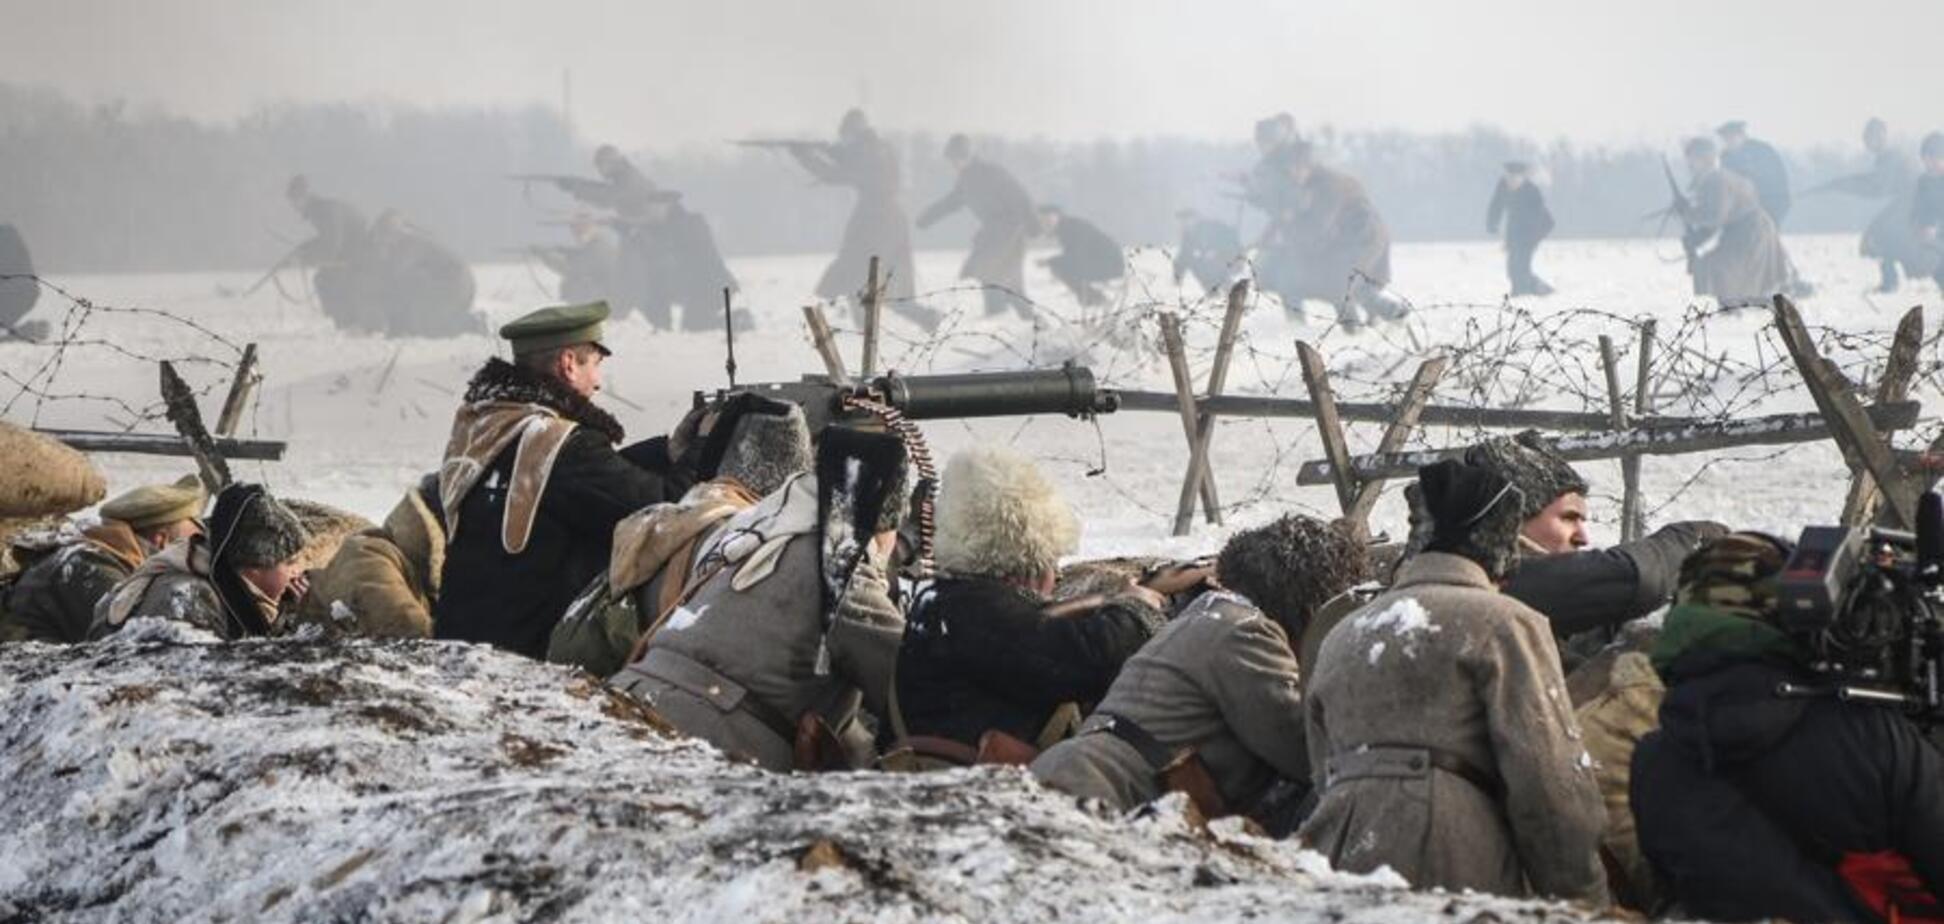 Бій під Крутами: як студенти захищали Україну від більшовиків